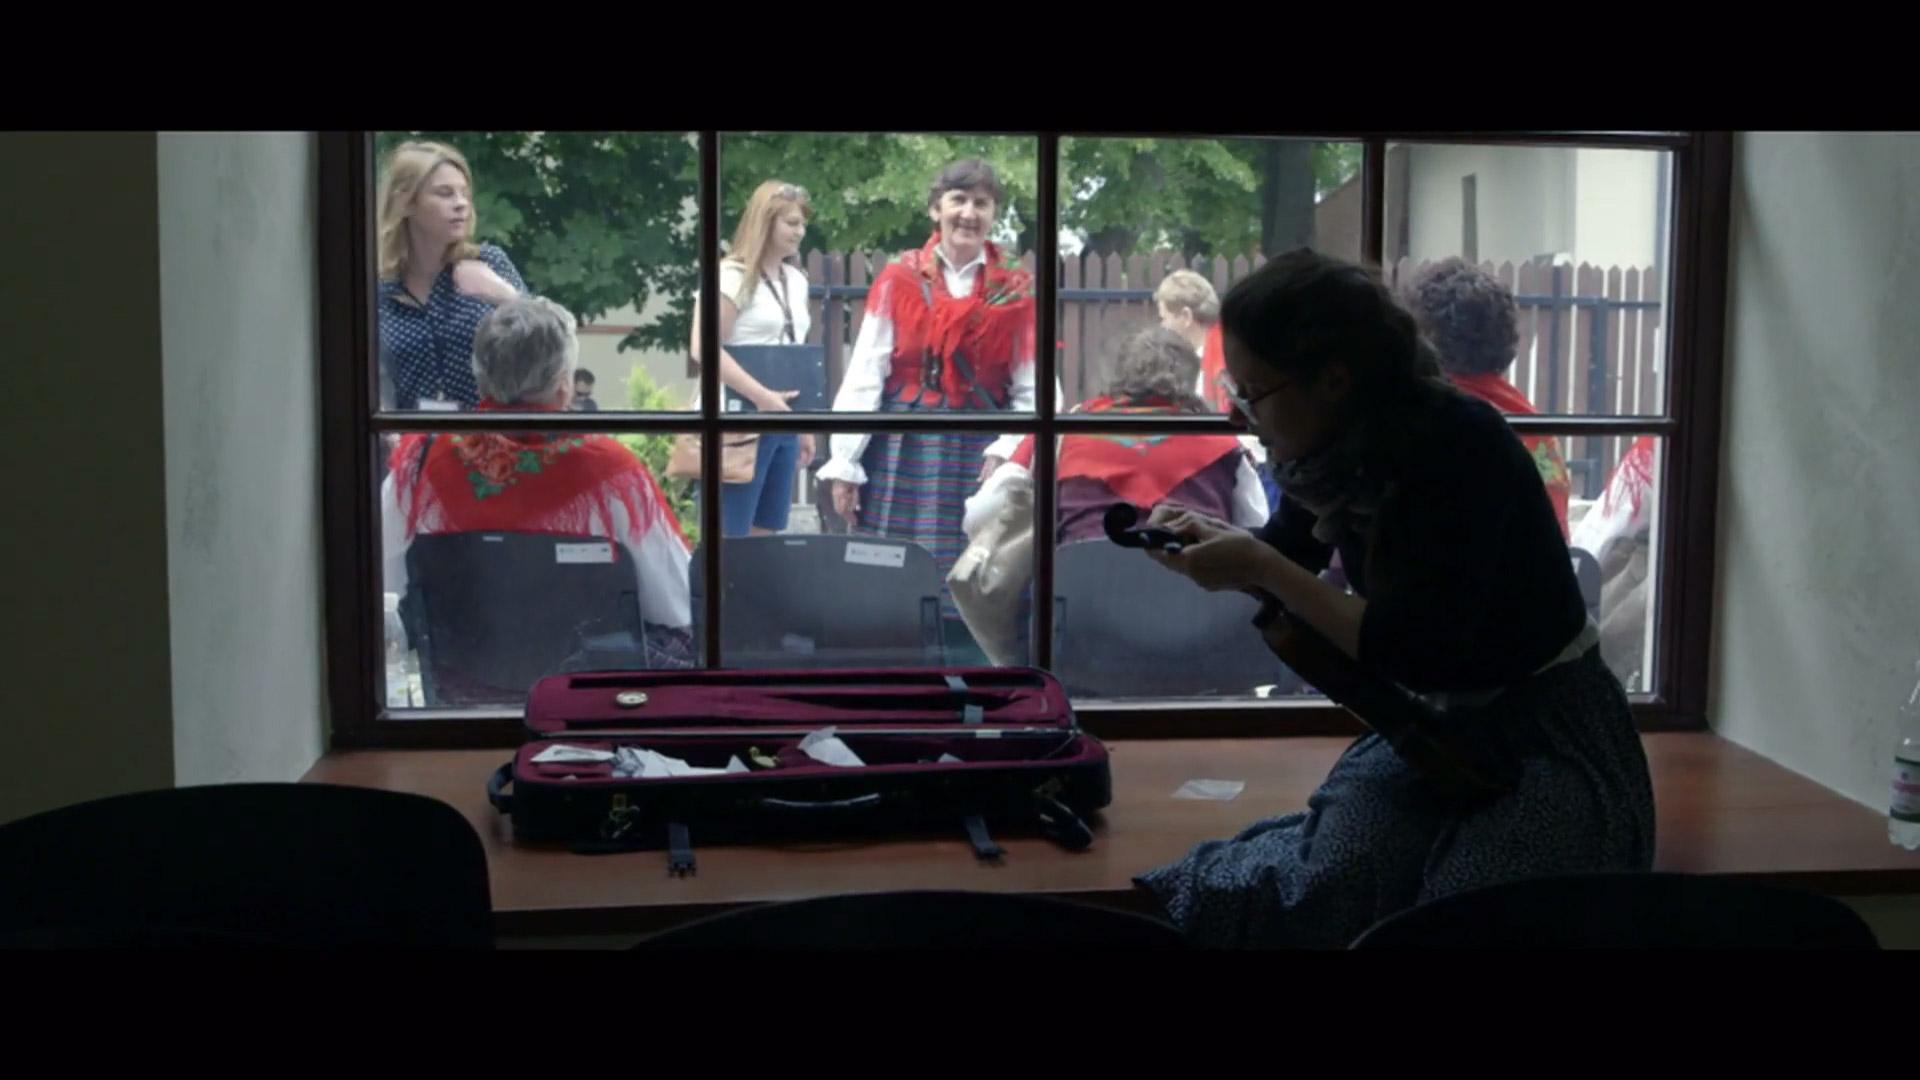 east-studio-film-dokumentalny-kooprodukcja-w-drodze-02